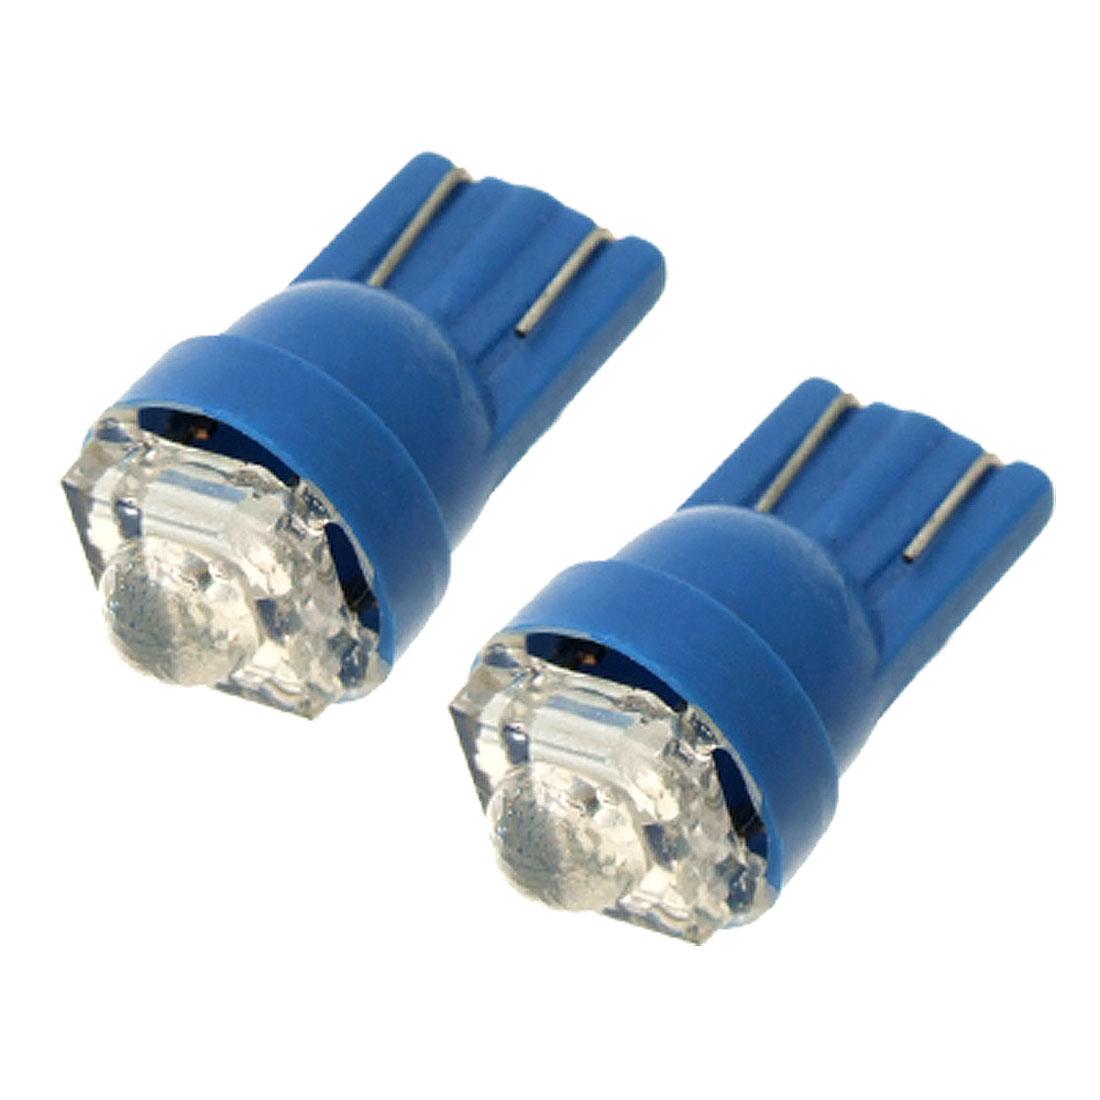 2 Pcs DC 12V T10 Car Auto Vehicle Lamp Bulb Blue LED Light